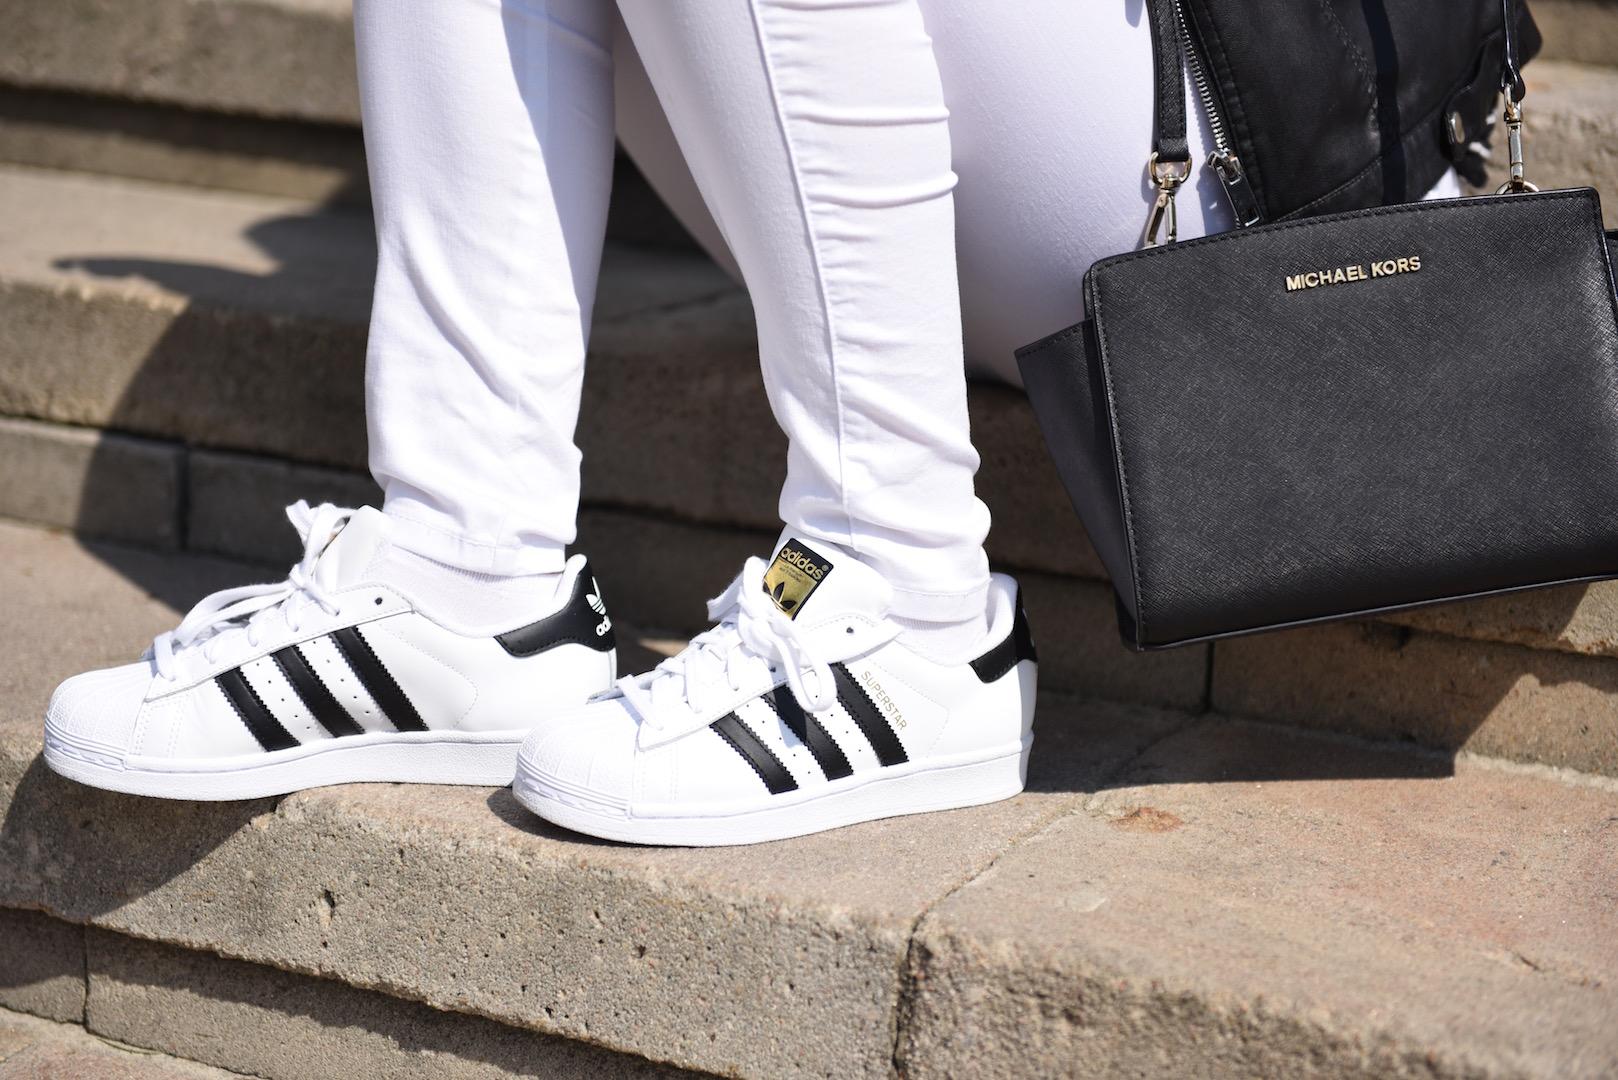 Tenis nike af1 converse meias sujas da namorada sneakers - 3 4